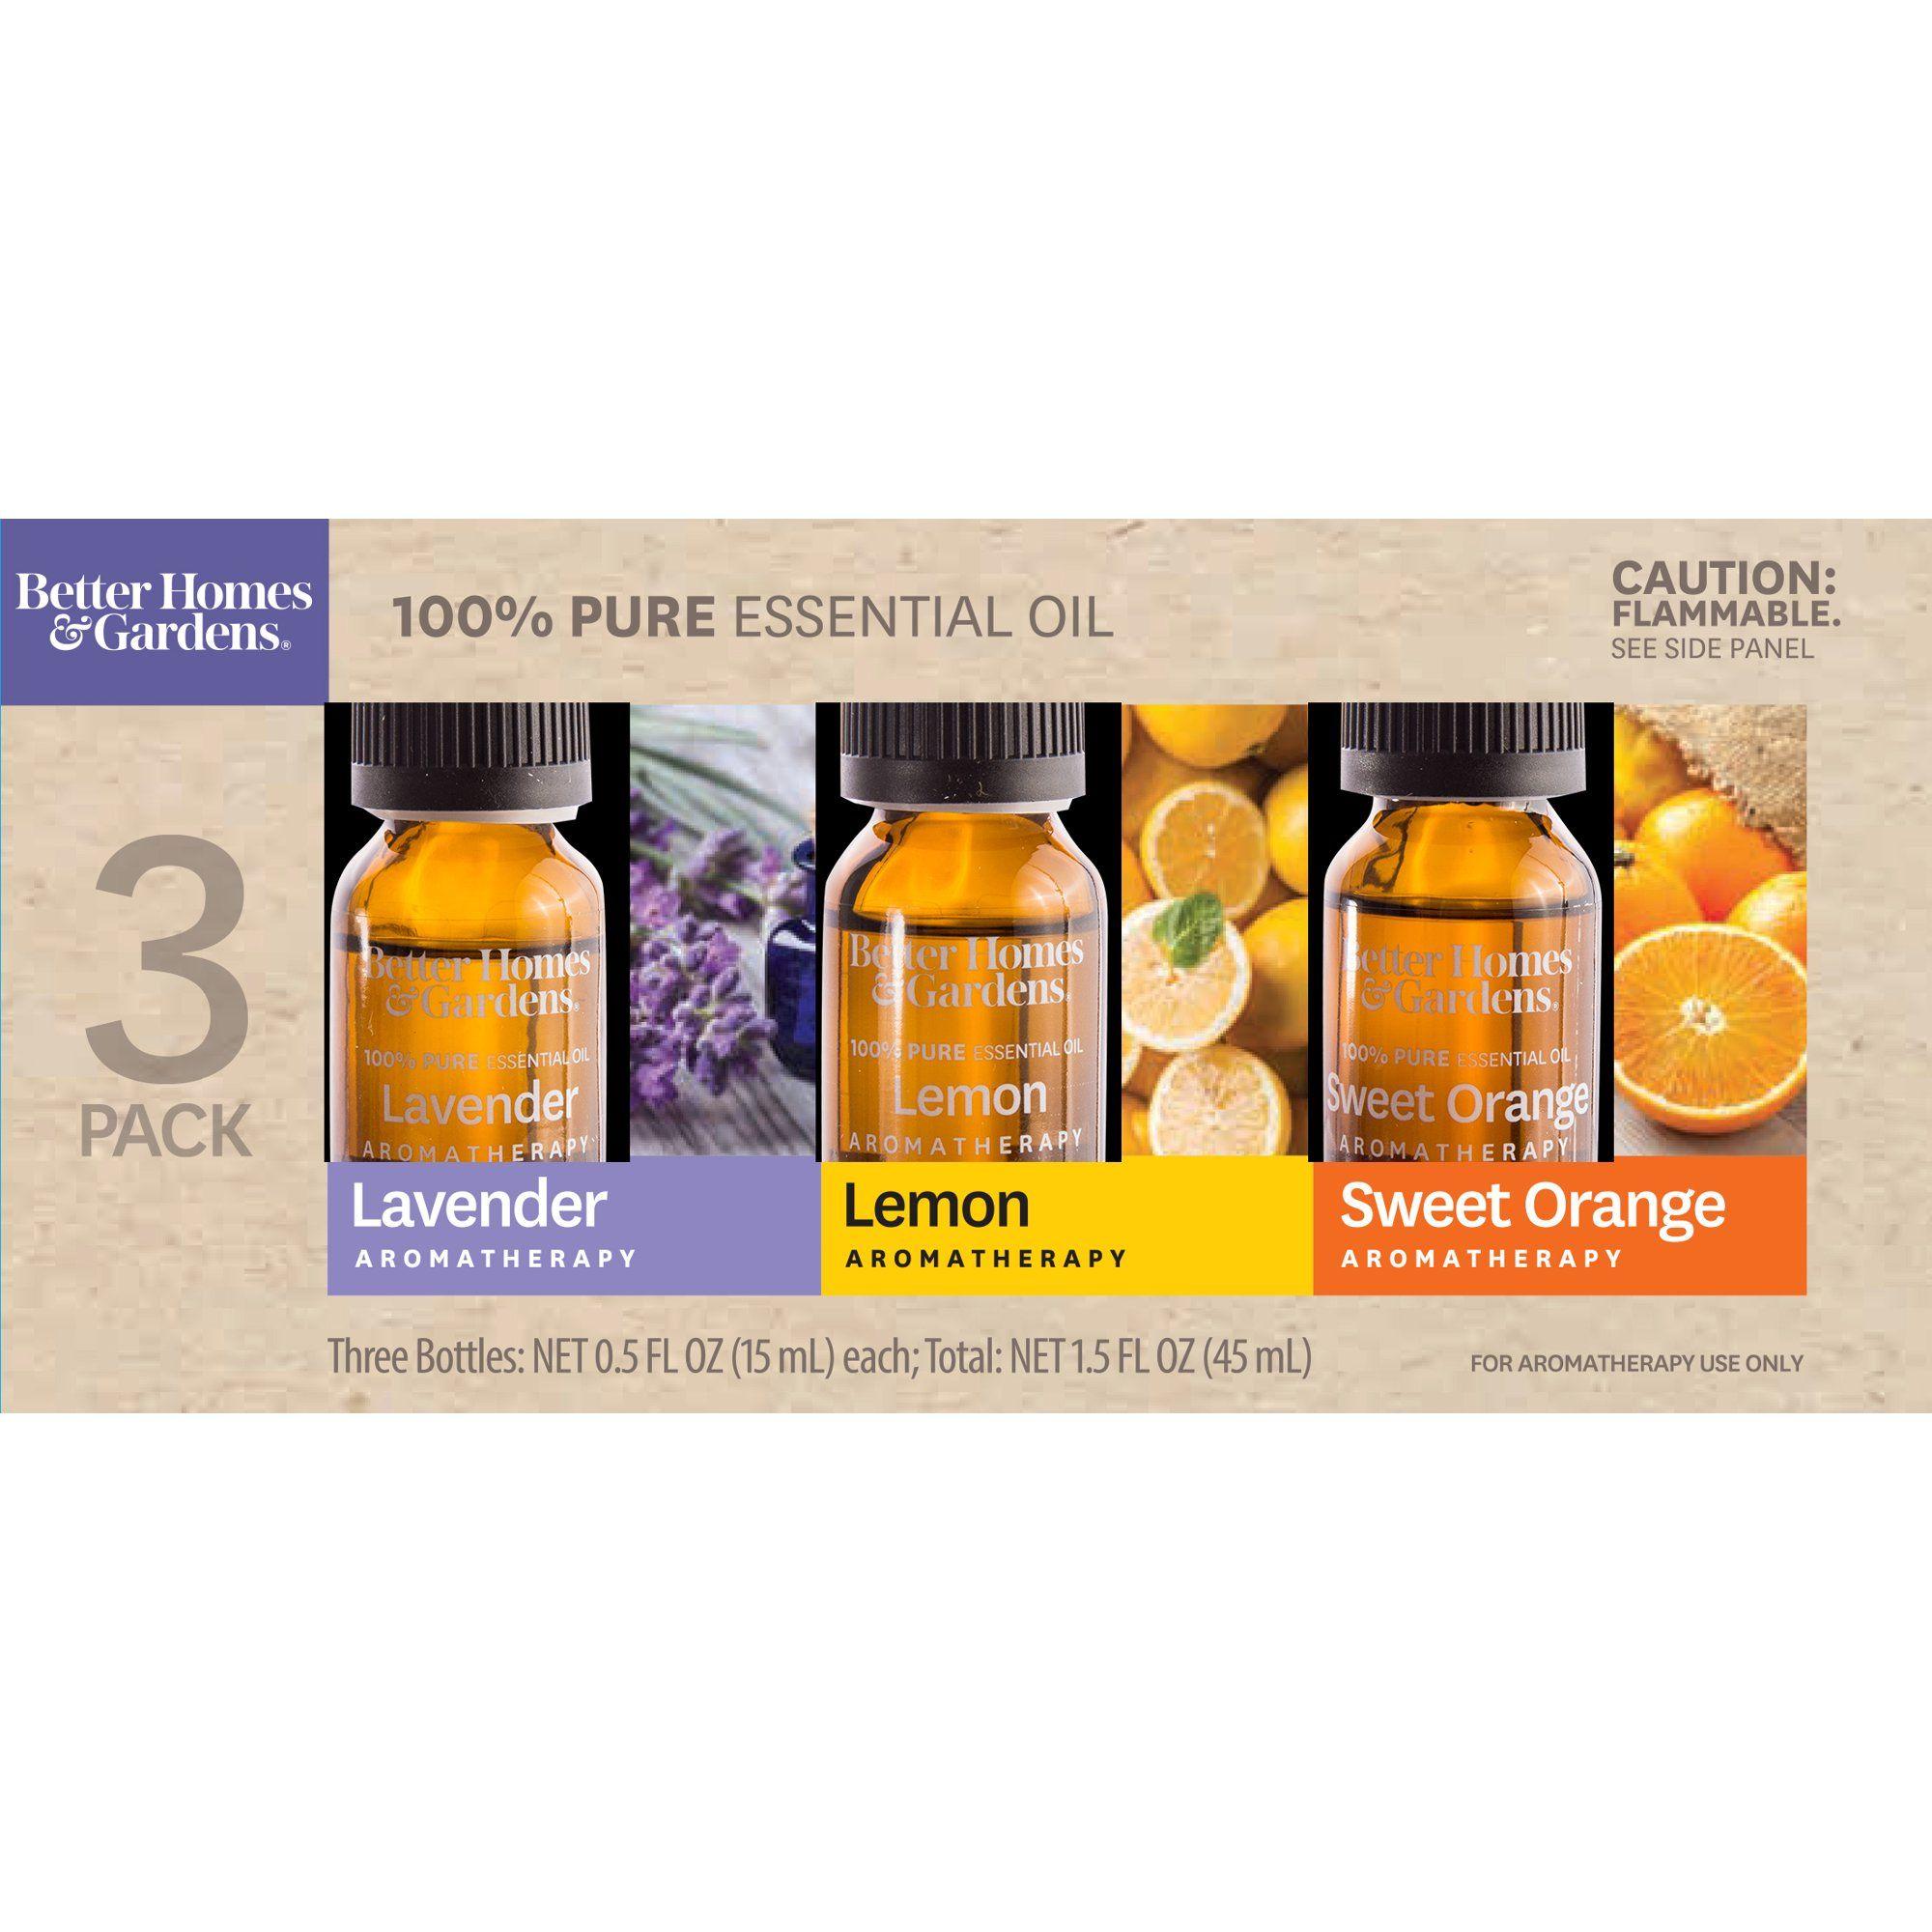 3e5e5a44a1d7ae5a1b87f22503a7697c - How To Open Better Homes And Gardens Essential Oils